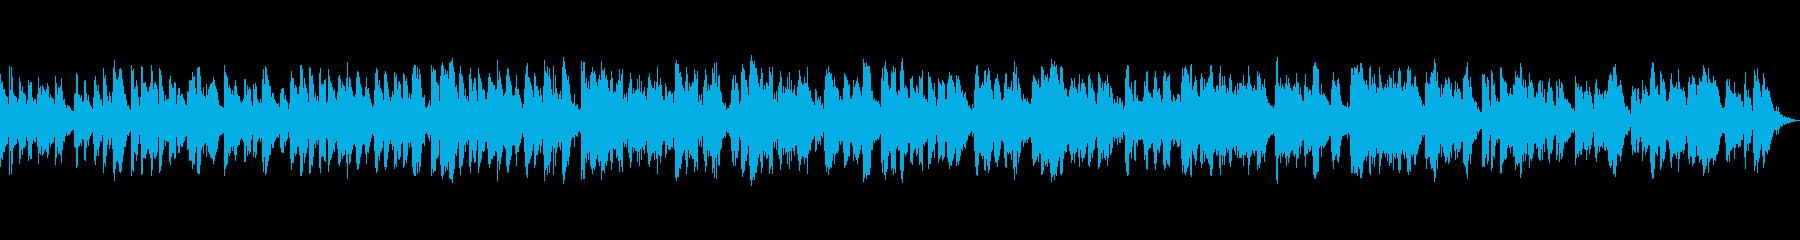 動画 アクション ポジティブ コミ...の再生済みの波形